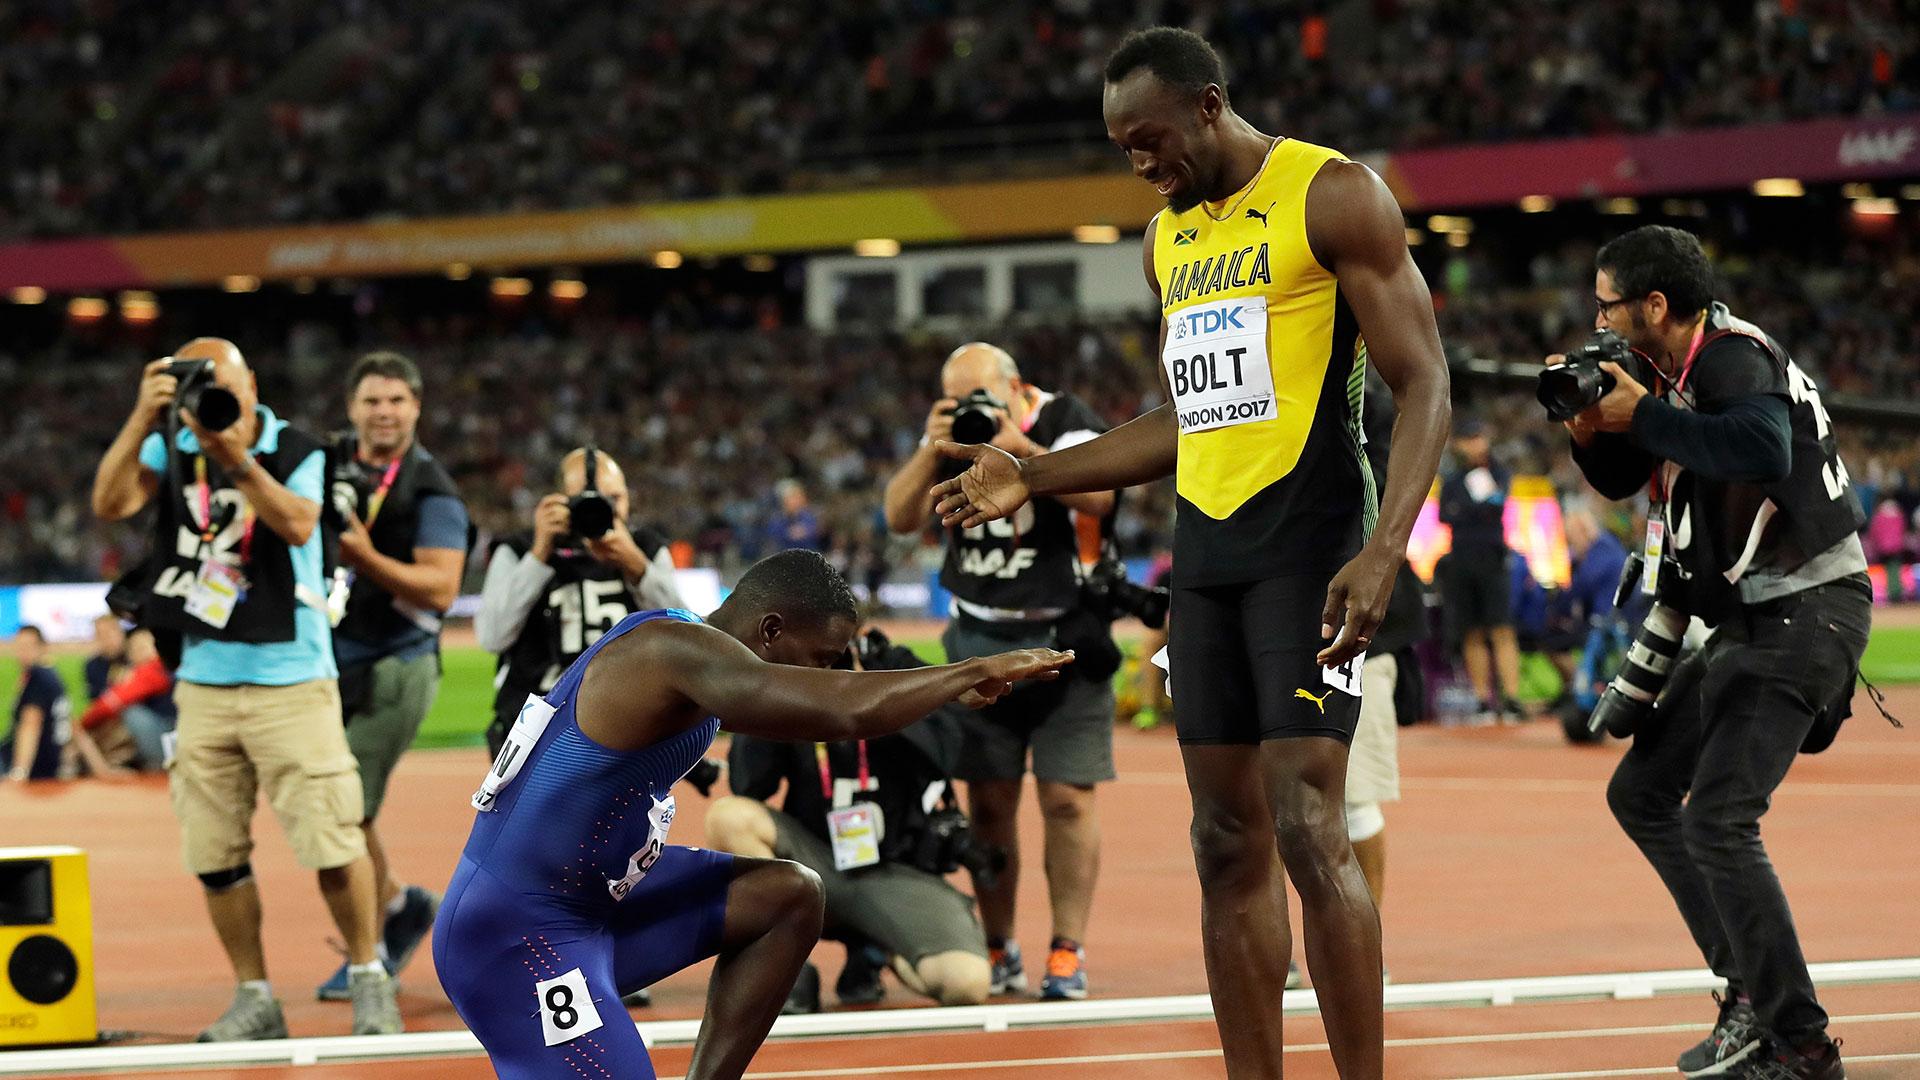 La otra gran imagen fue la de Justin Gatlin haciéndole una reverencia a Usain Bolt tras ganar la prueba de los 100 metros (AP)